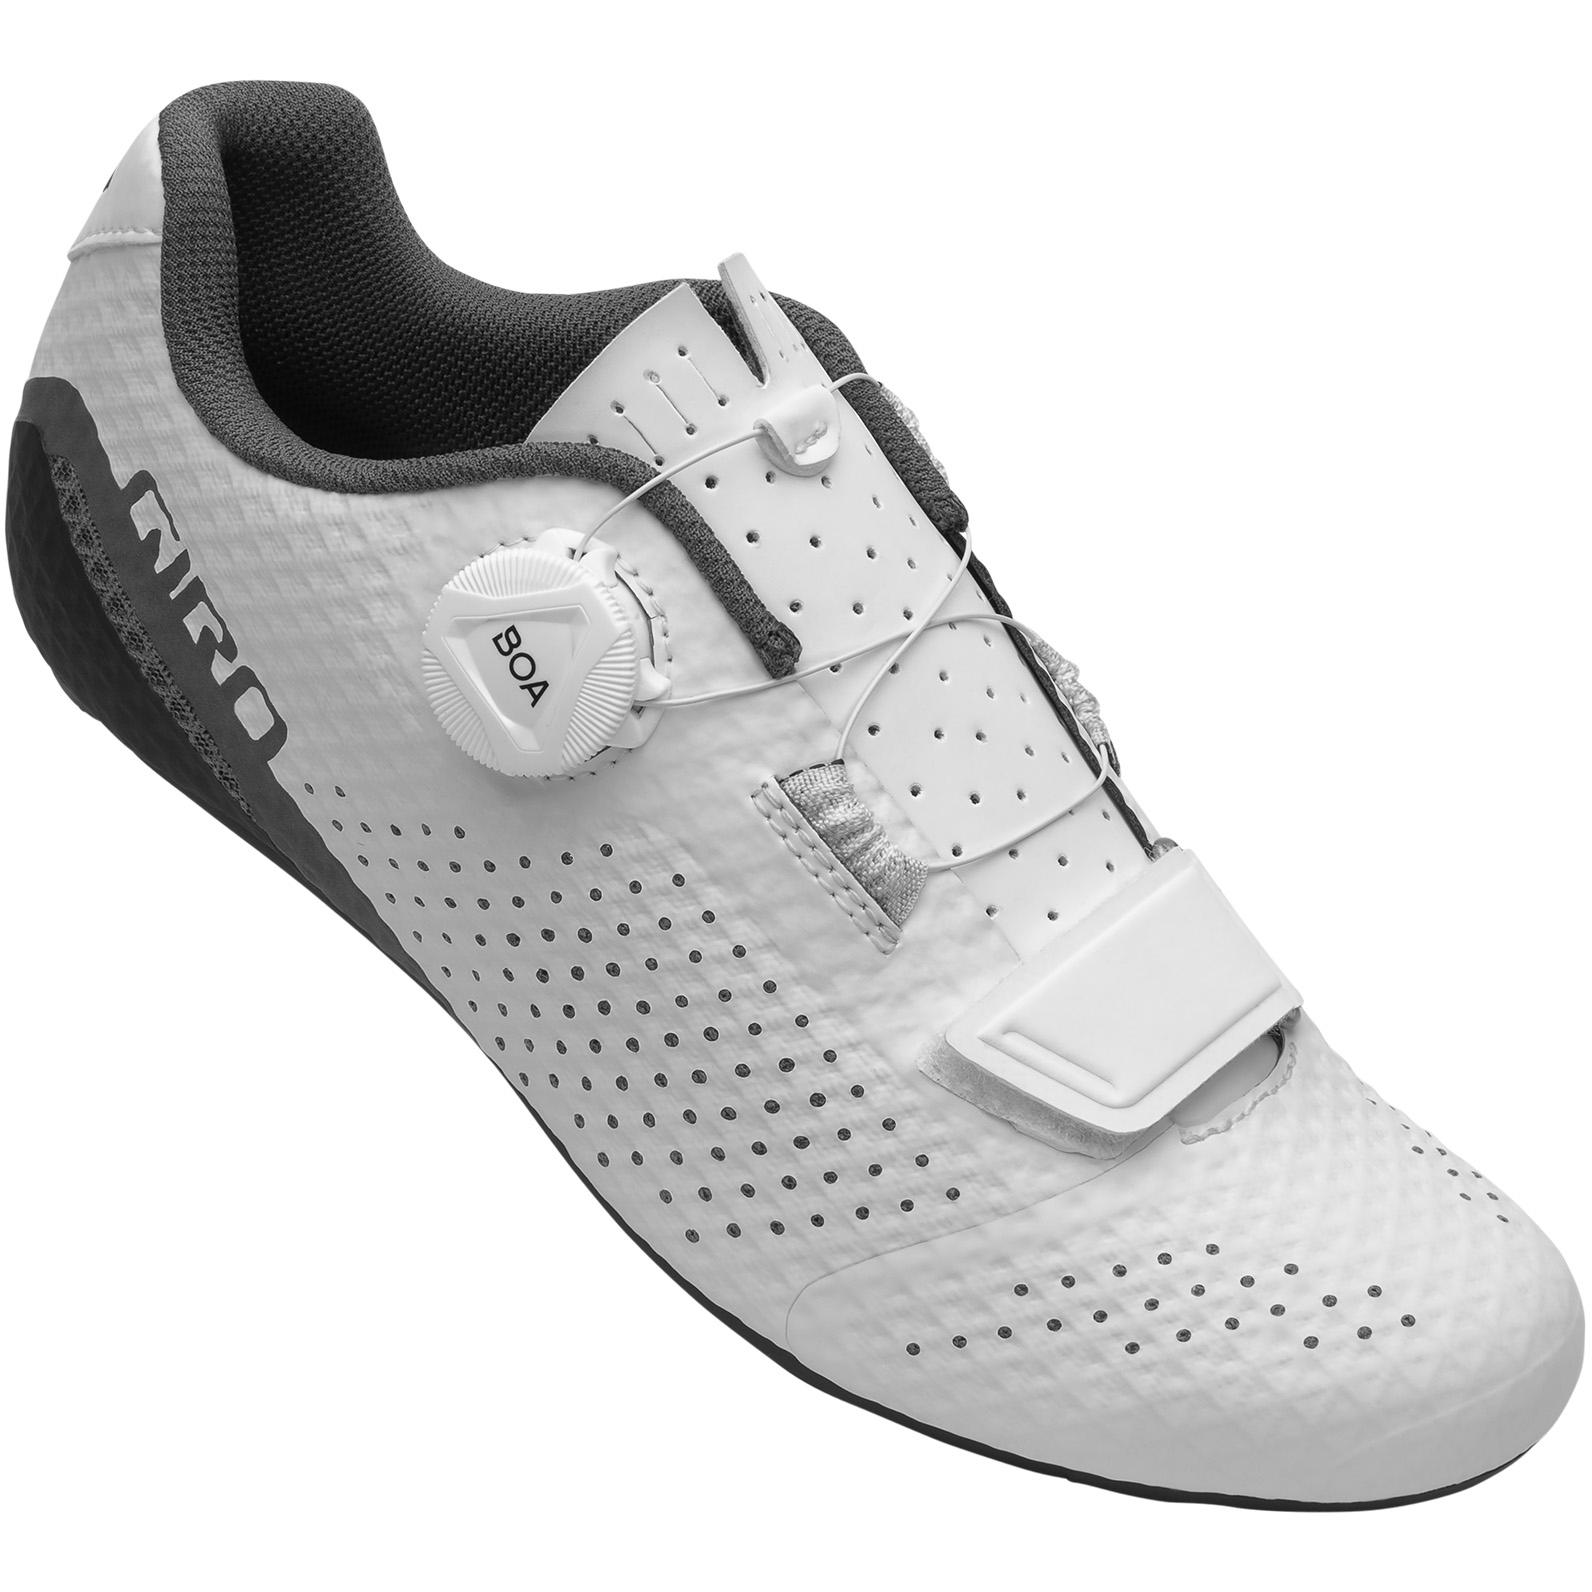 Giro Cadet Damen Rennradschuh - white